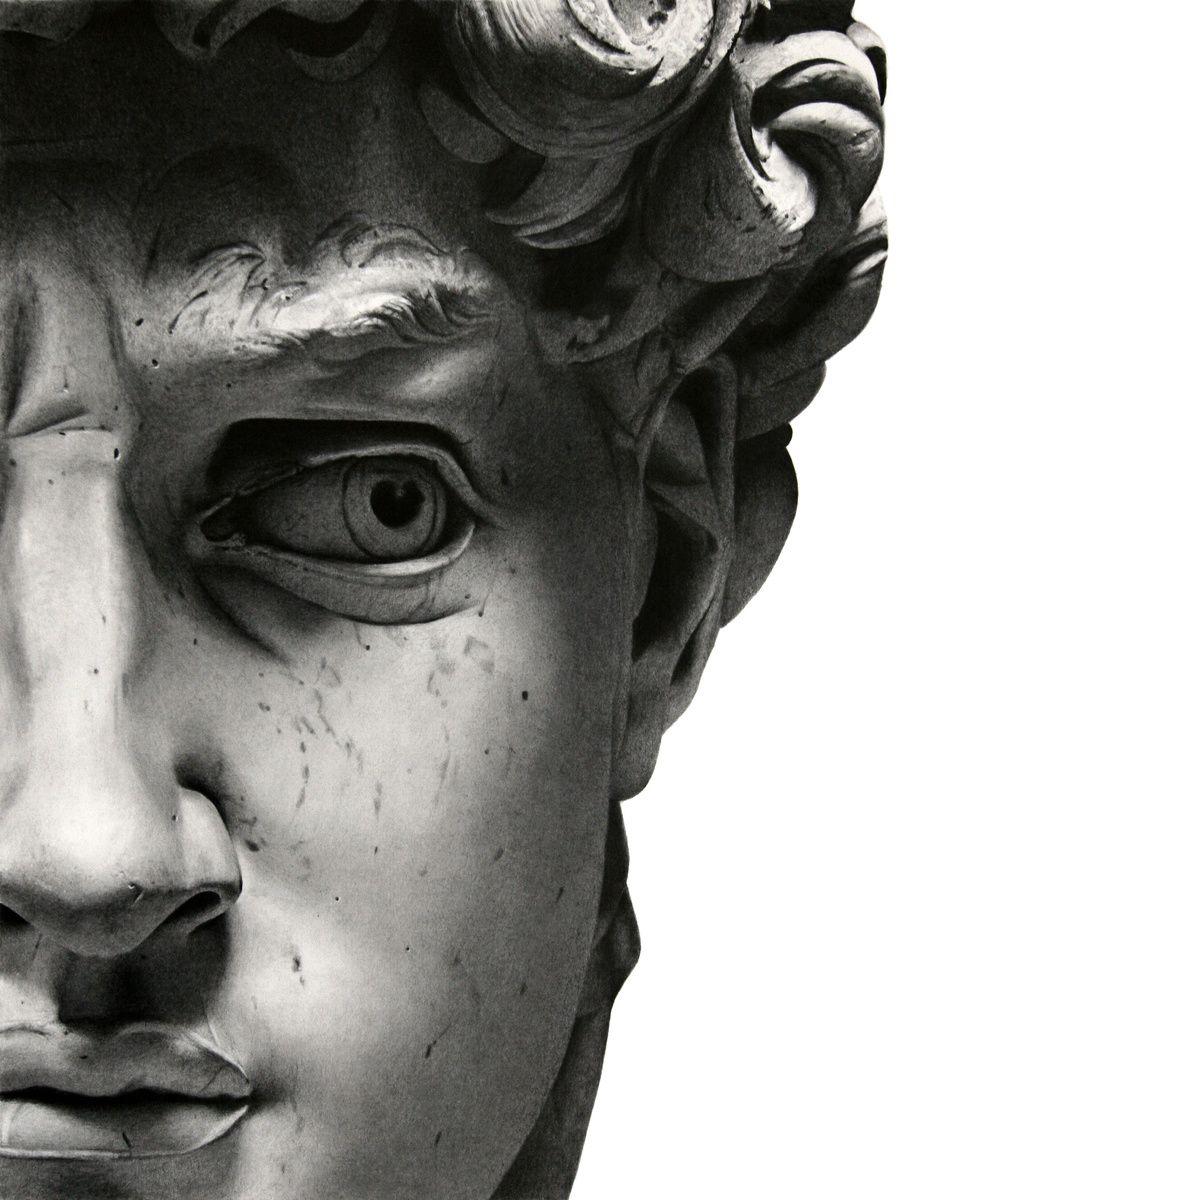 Pin by FlawlessLawless on artsy Portrait, Michelangelo